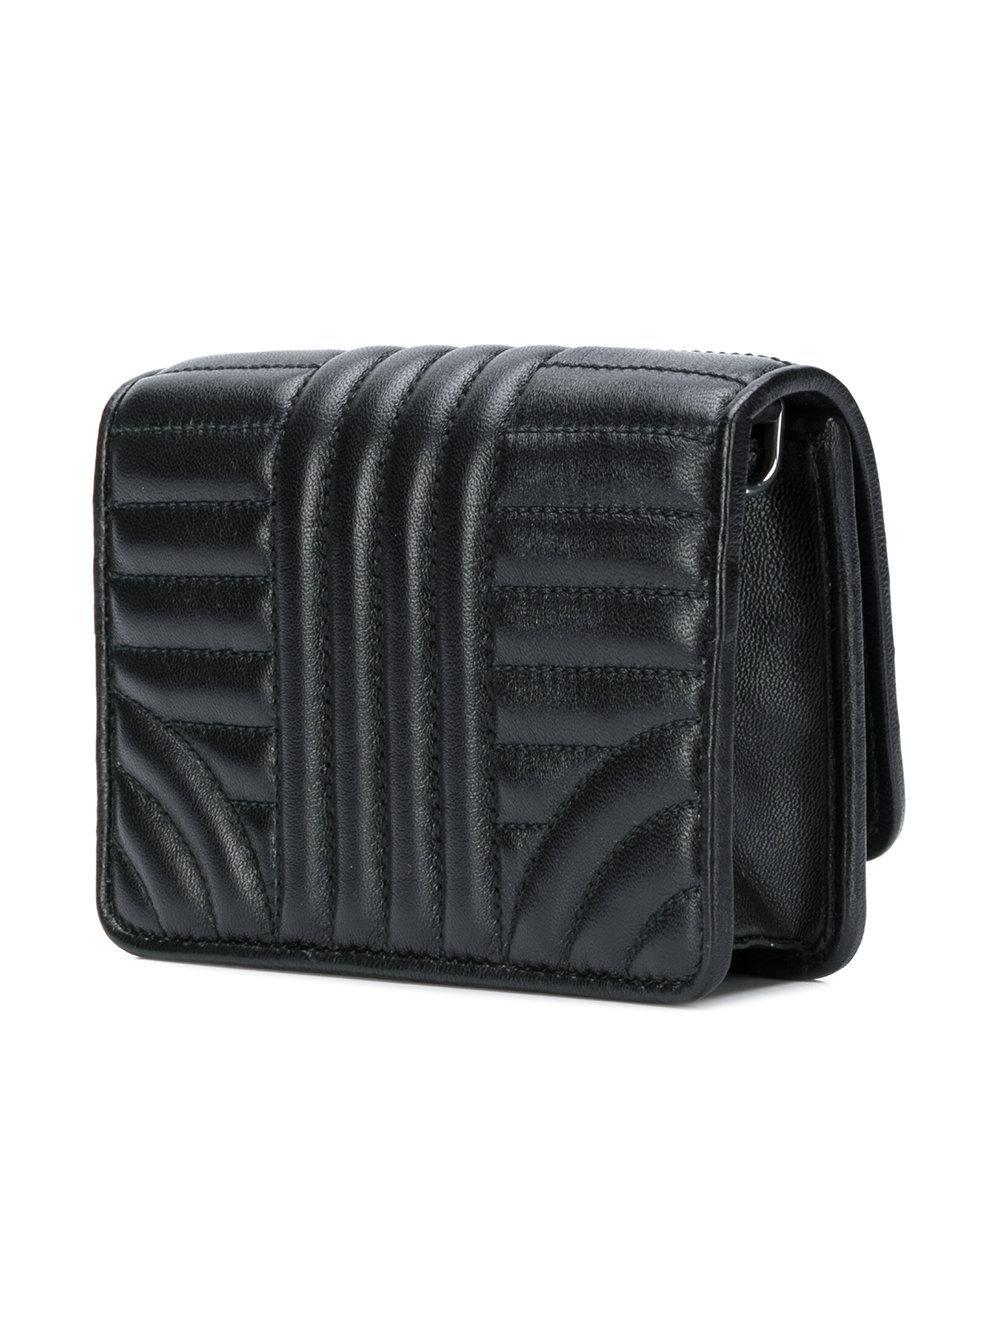 5049764759f0 Prada Logo Quilted Shoulder Bag - Best Quilt Grafimage.co